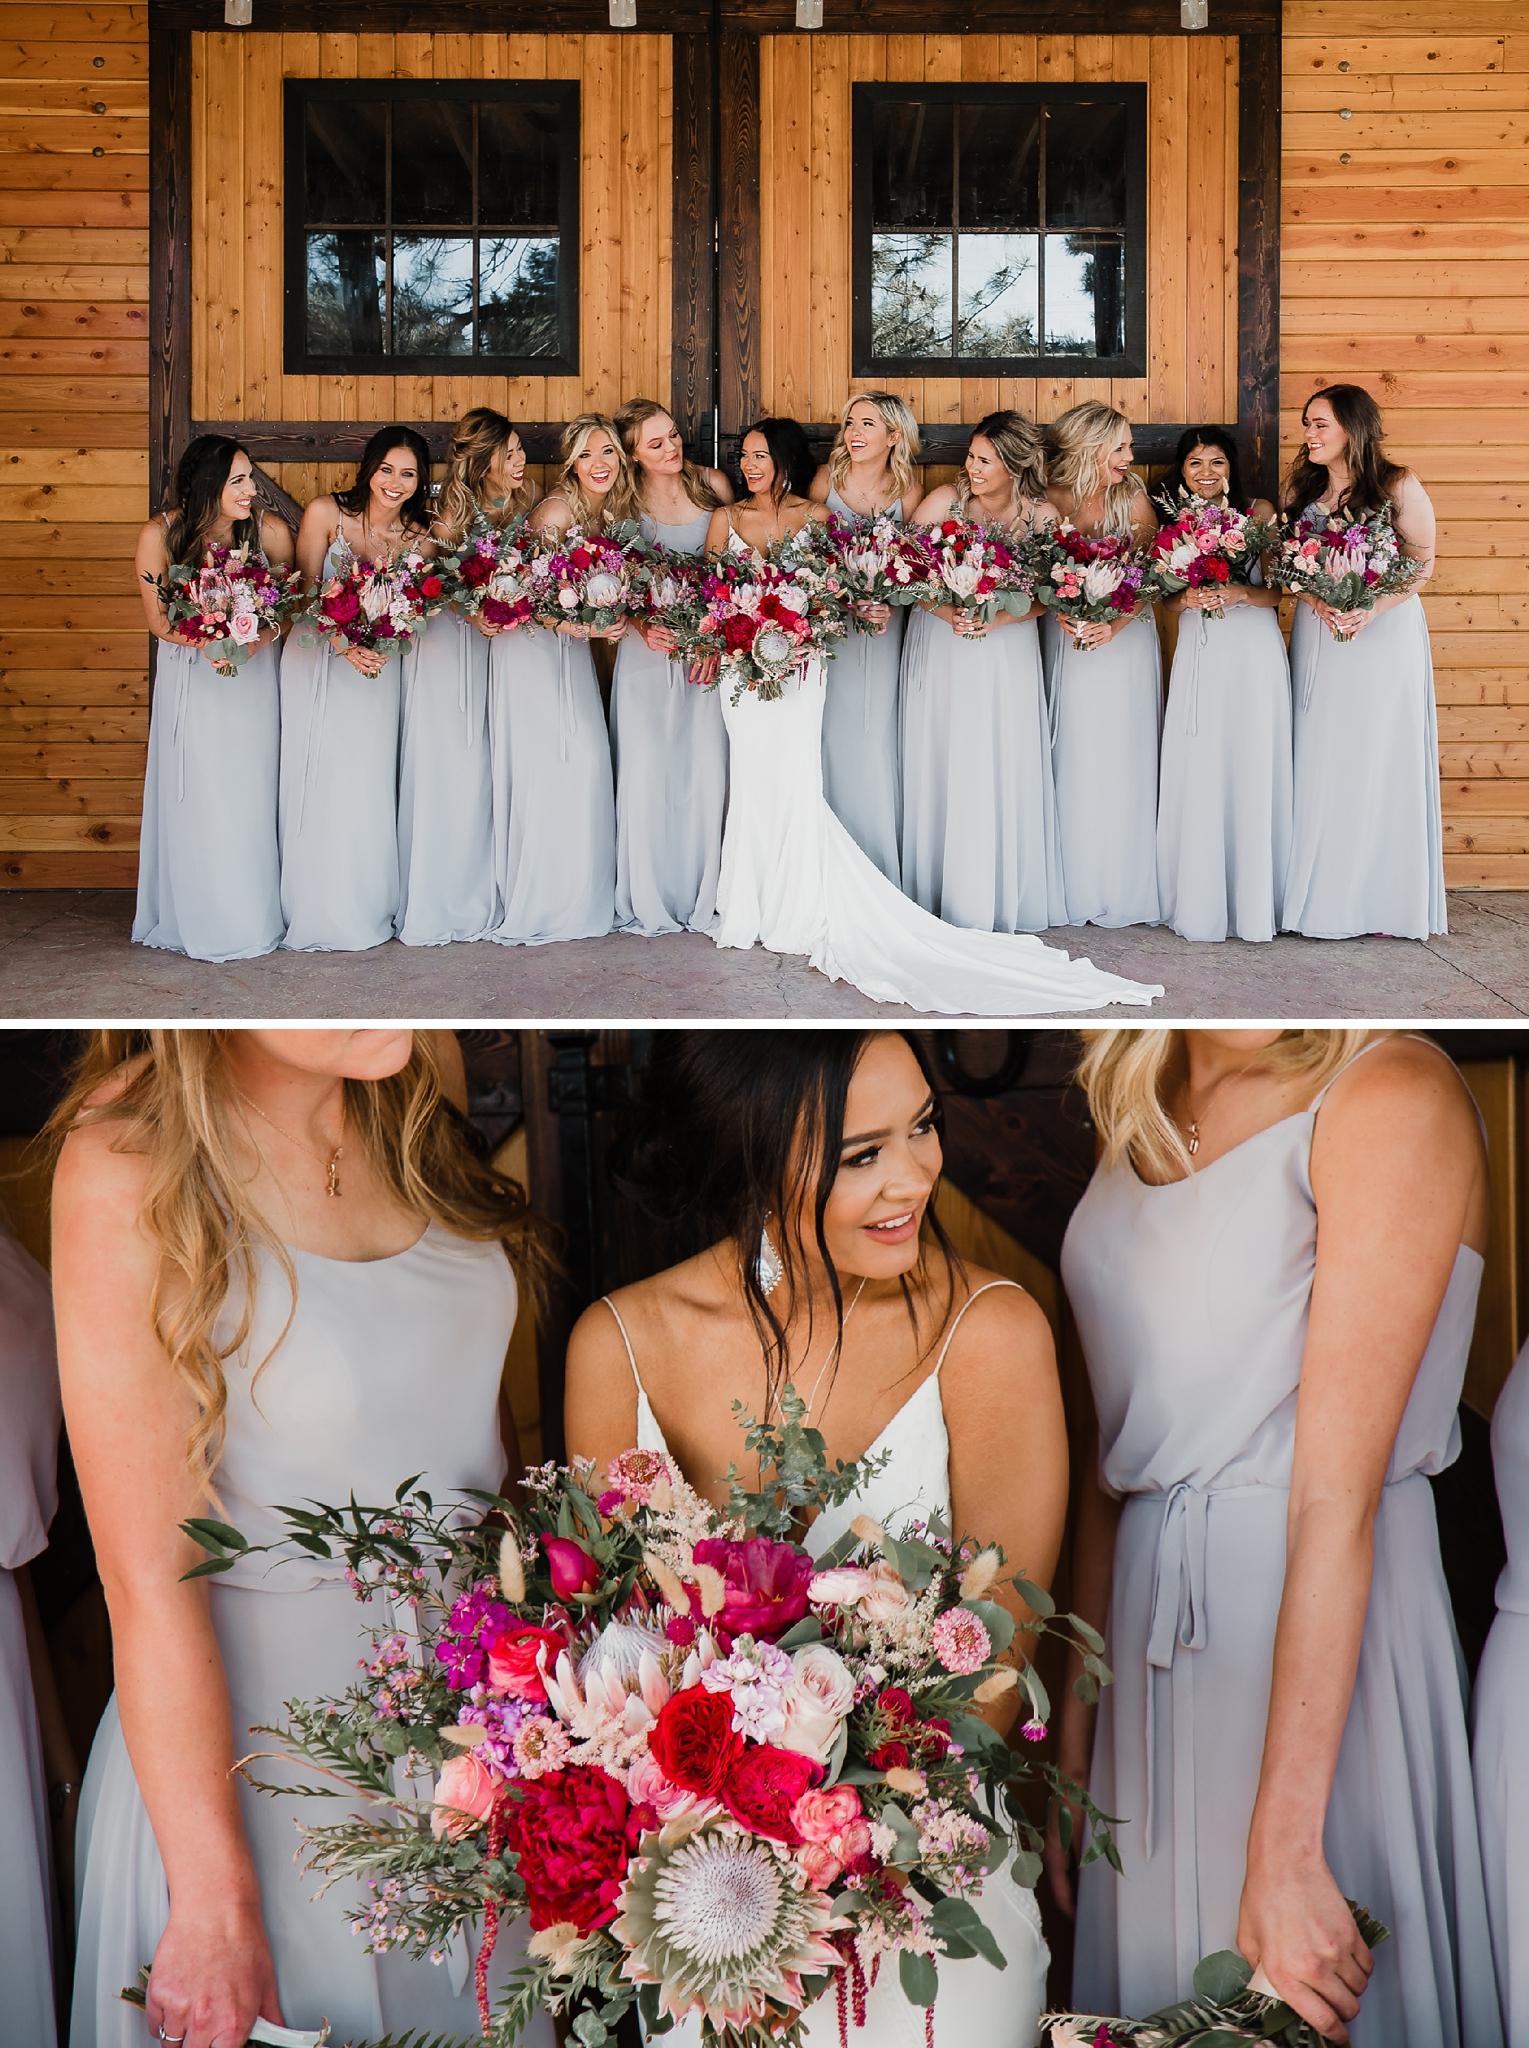 Alicia+lucia+photography+-+albuquerque+wedding+photographer+-+santa+fe+wedding+photography+-+new+mexico+wedding+photographer+-+new+mexico+wedding+-+new+mexico+wedding+-+barn+wedding+-+enchanted+vine+barn+wedding+-+ruidoso+wedding_0075.jpg